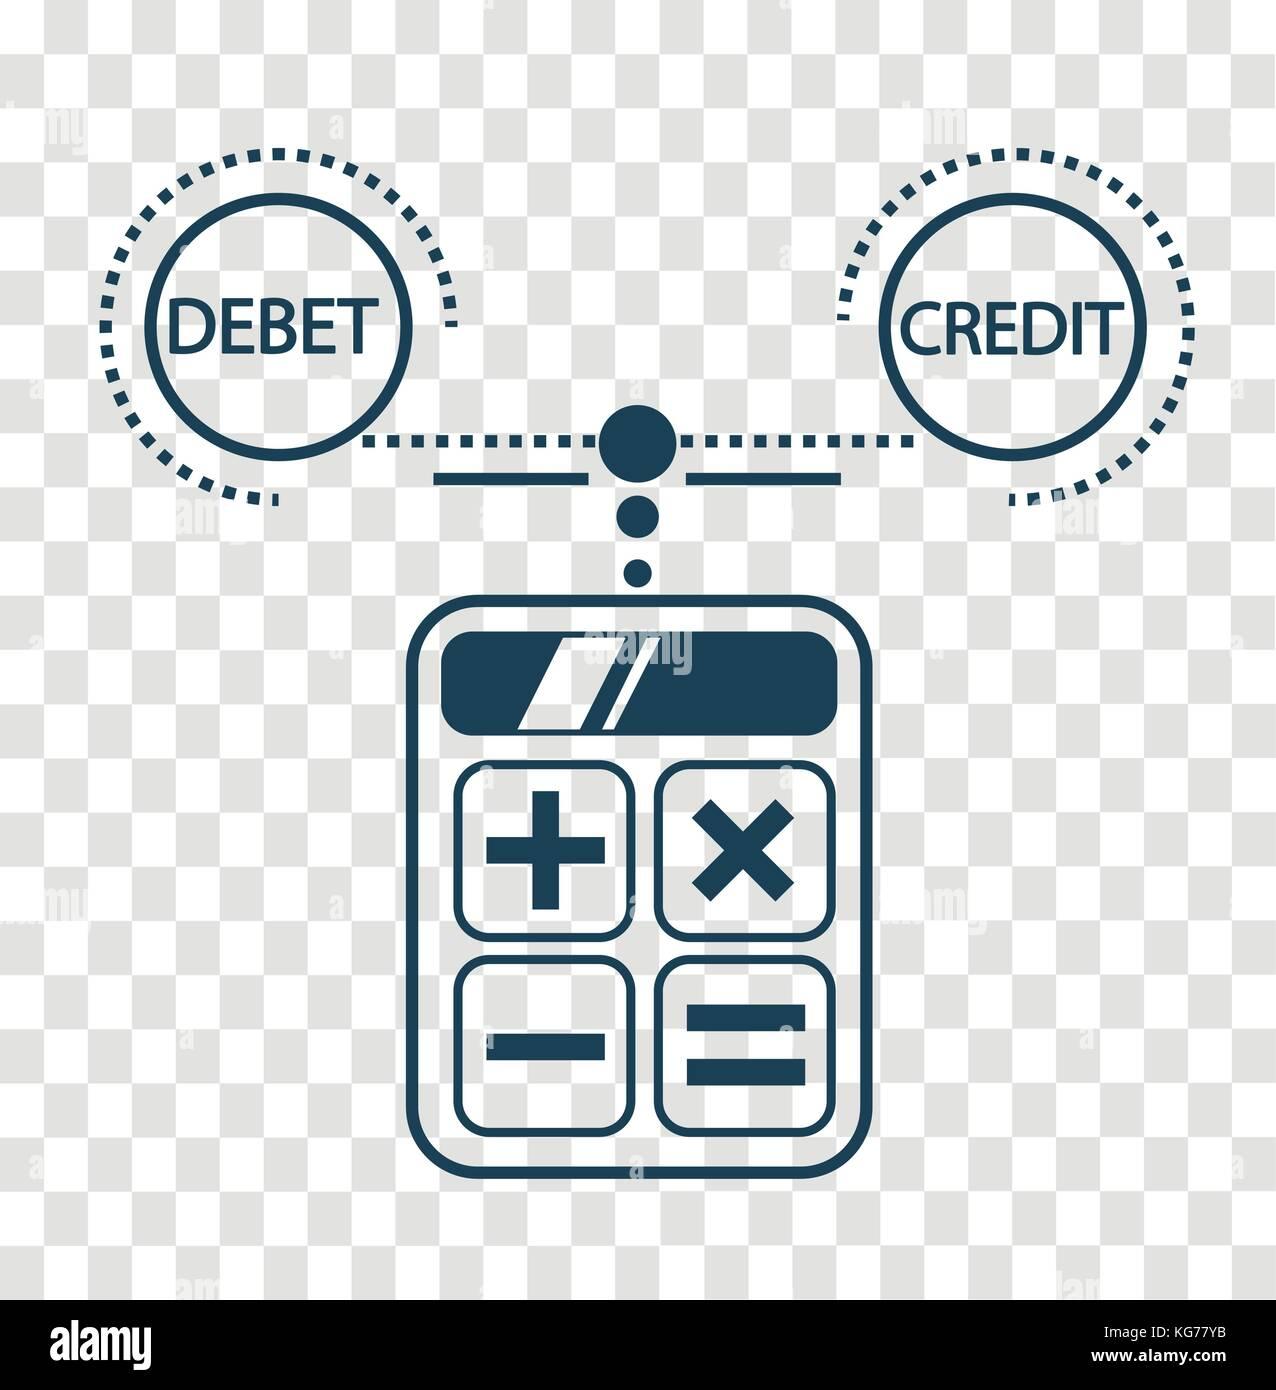 Konzept Der Berechnung Und Lastschriften Bilanz Rechnungswesen In